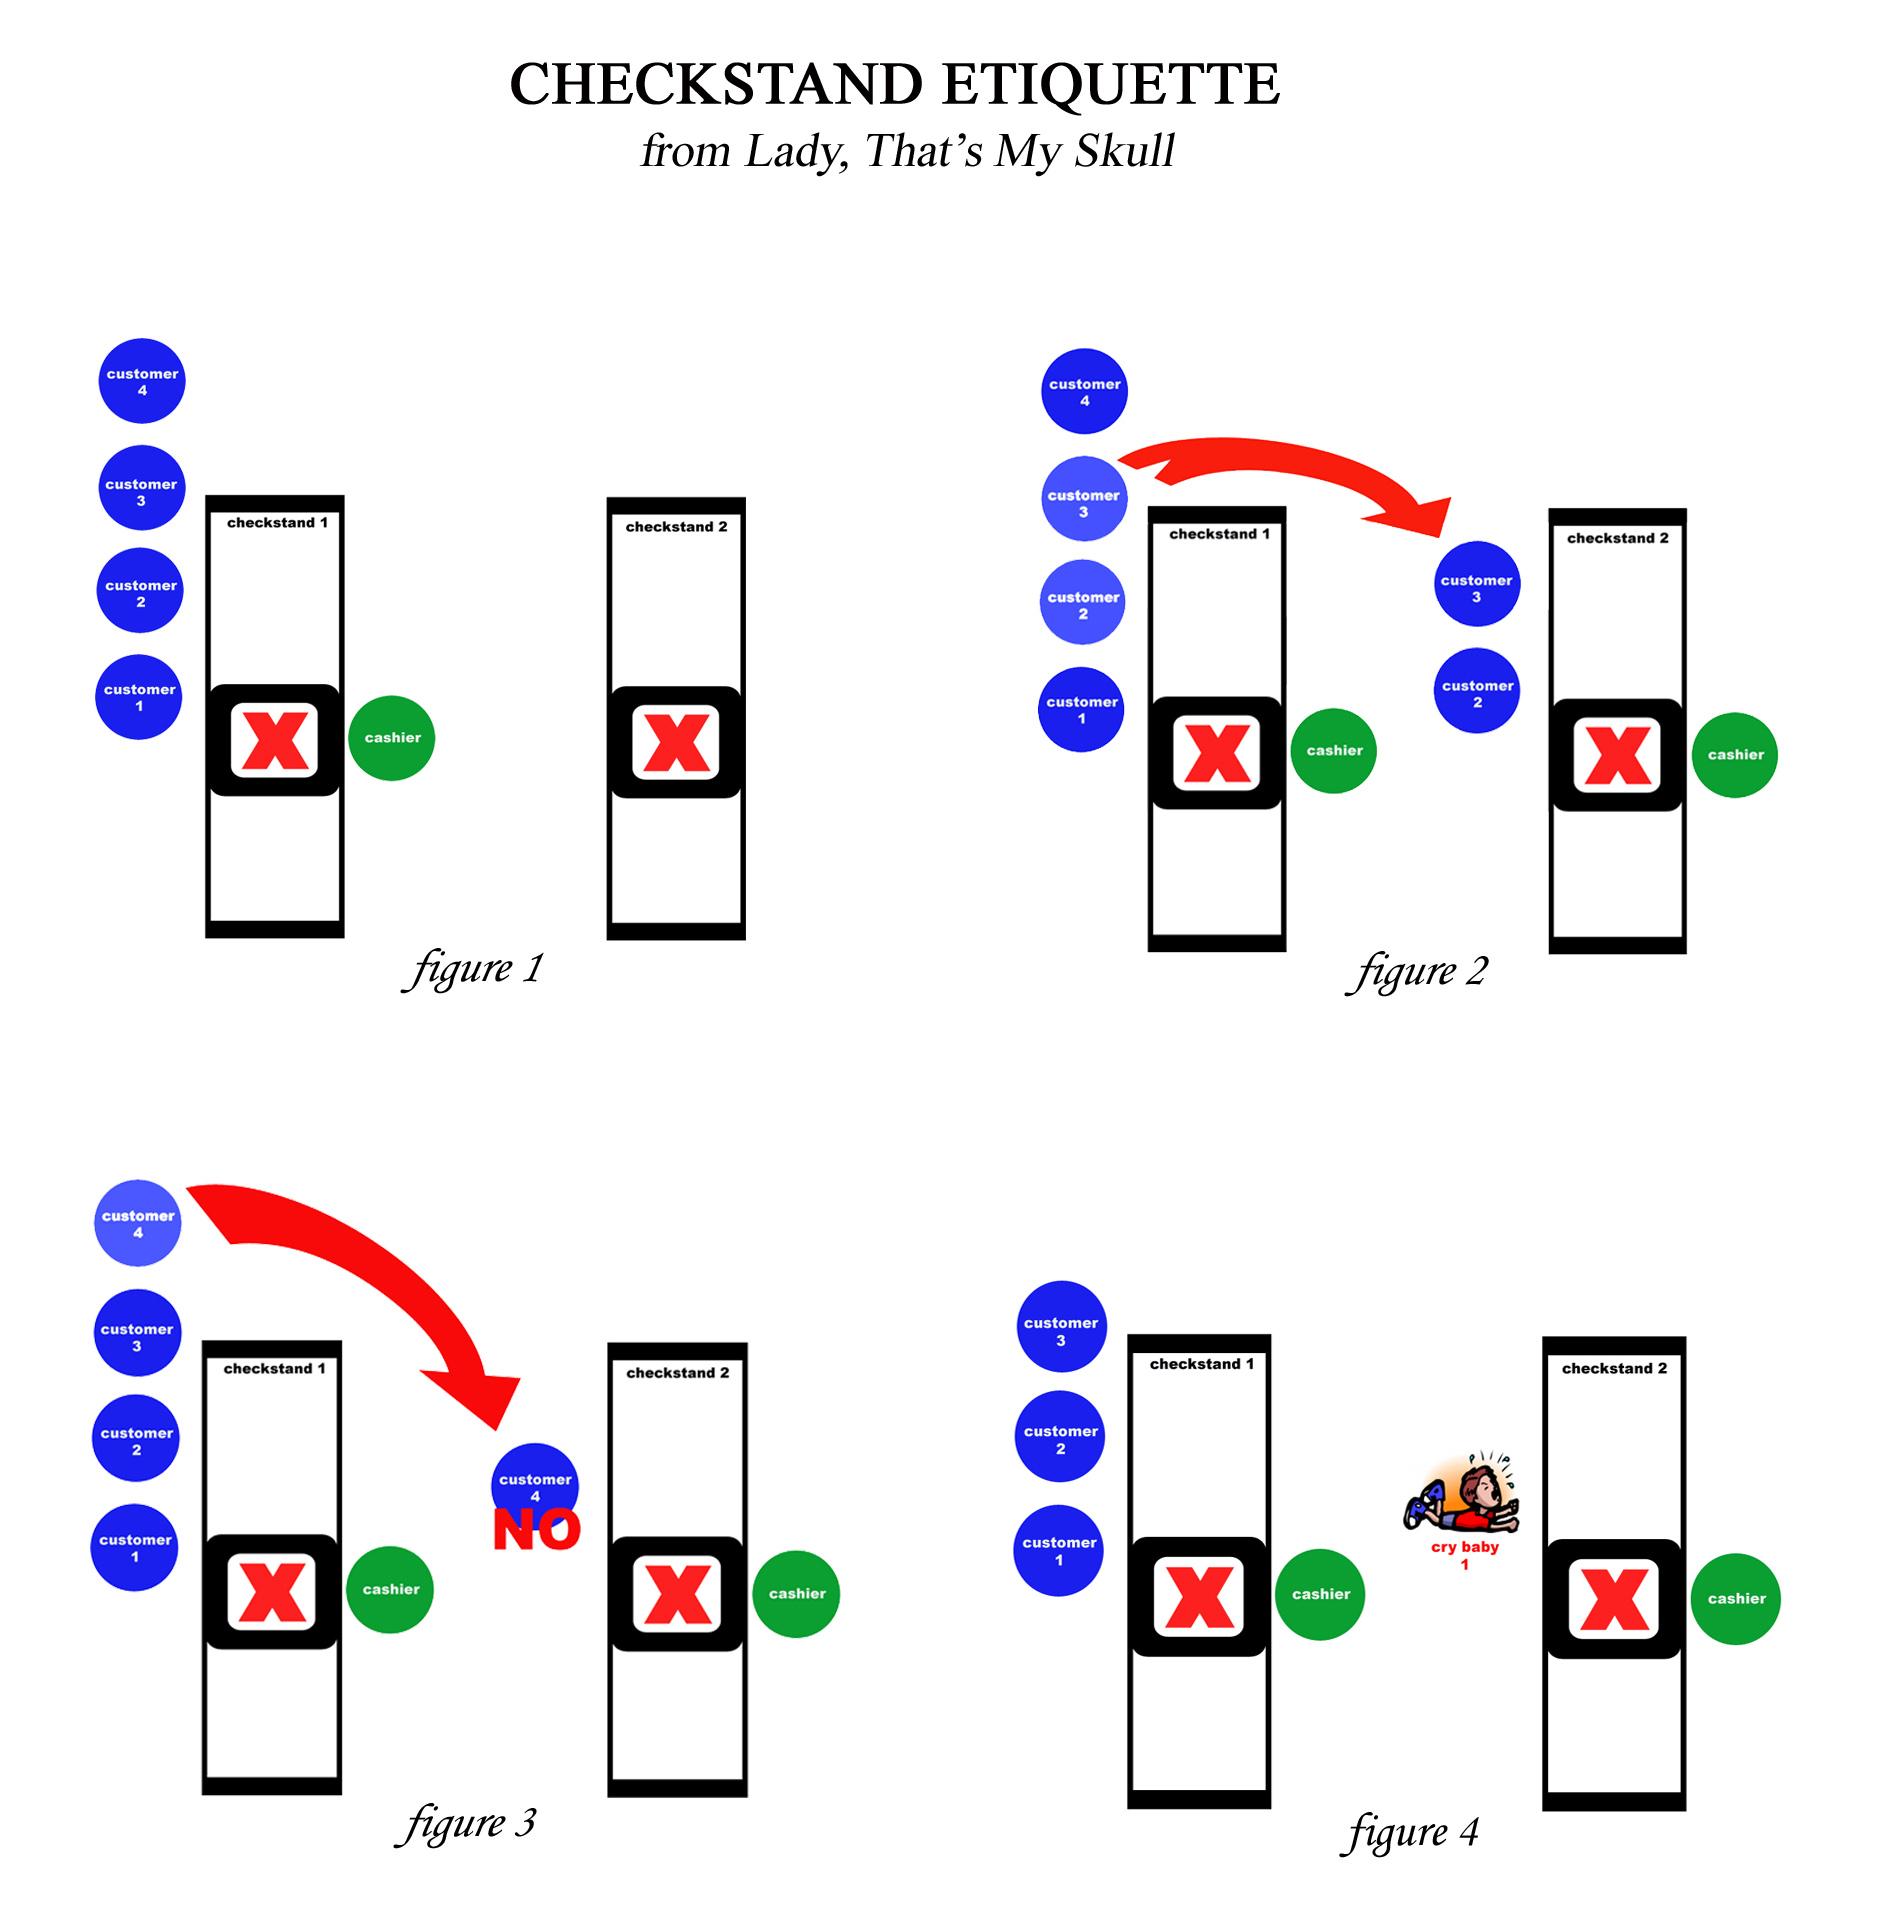 Checkstand Etiquette